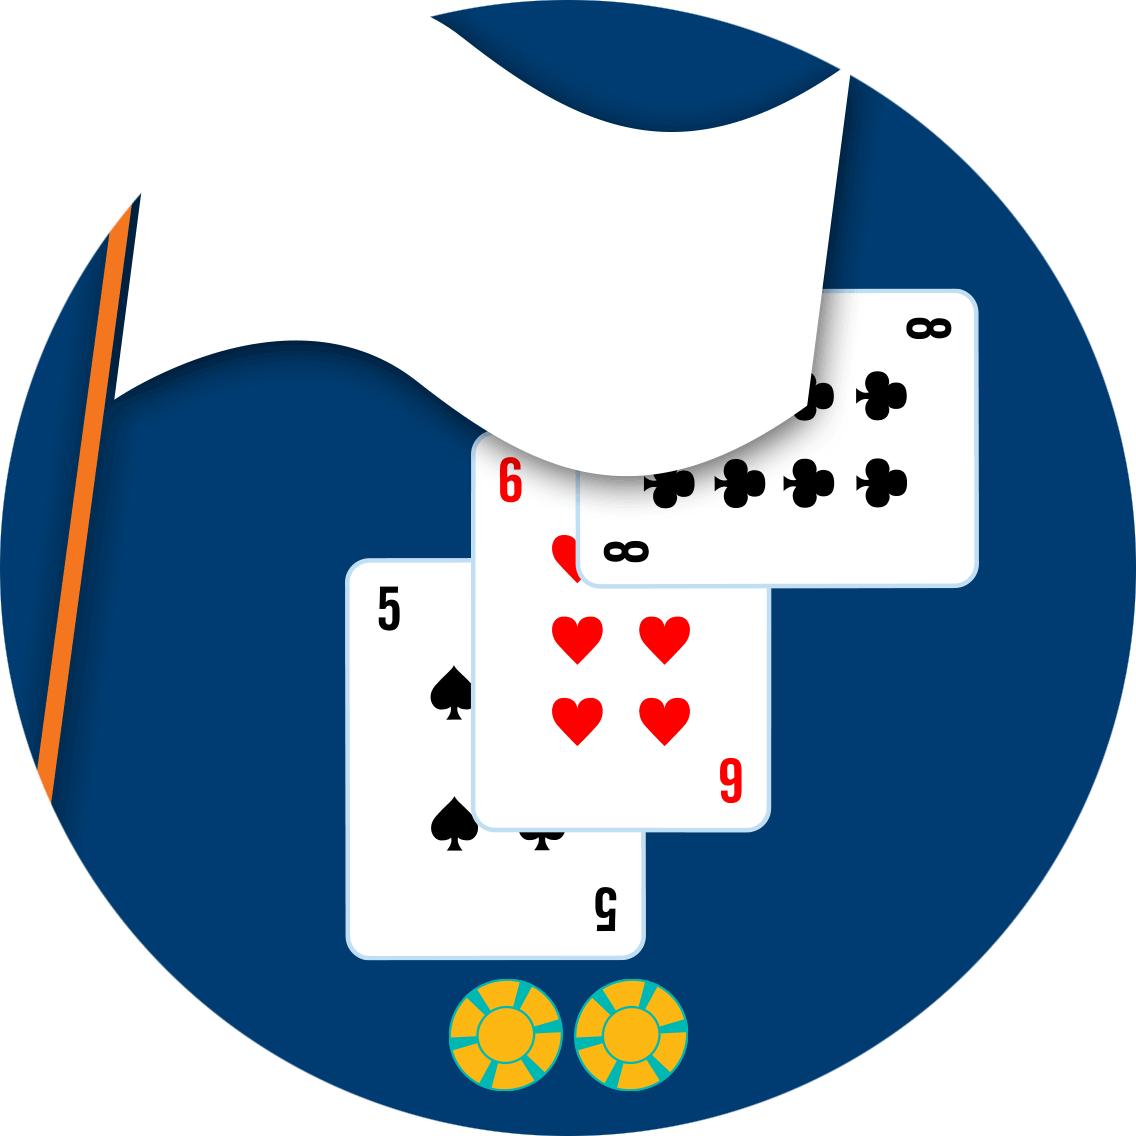 一支白旗象徵取回双倍下注,其后是没有爆牌的双倍下注。